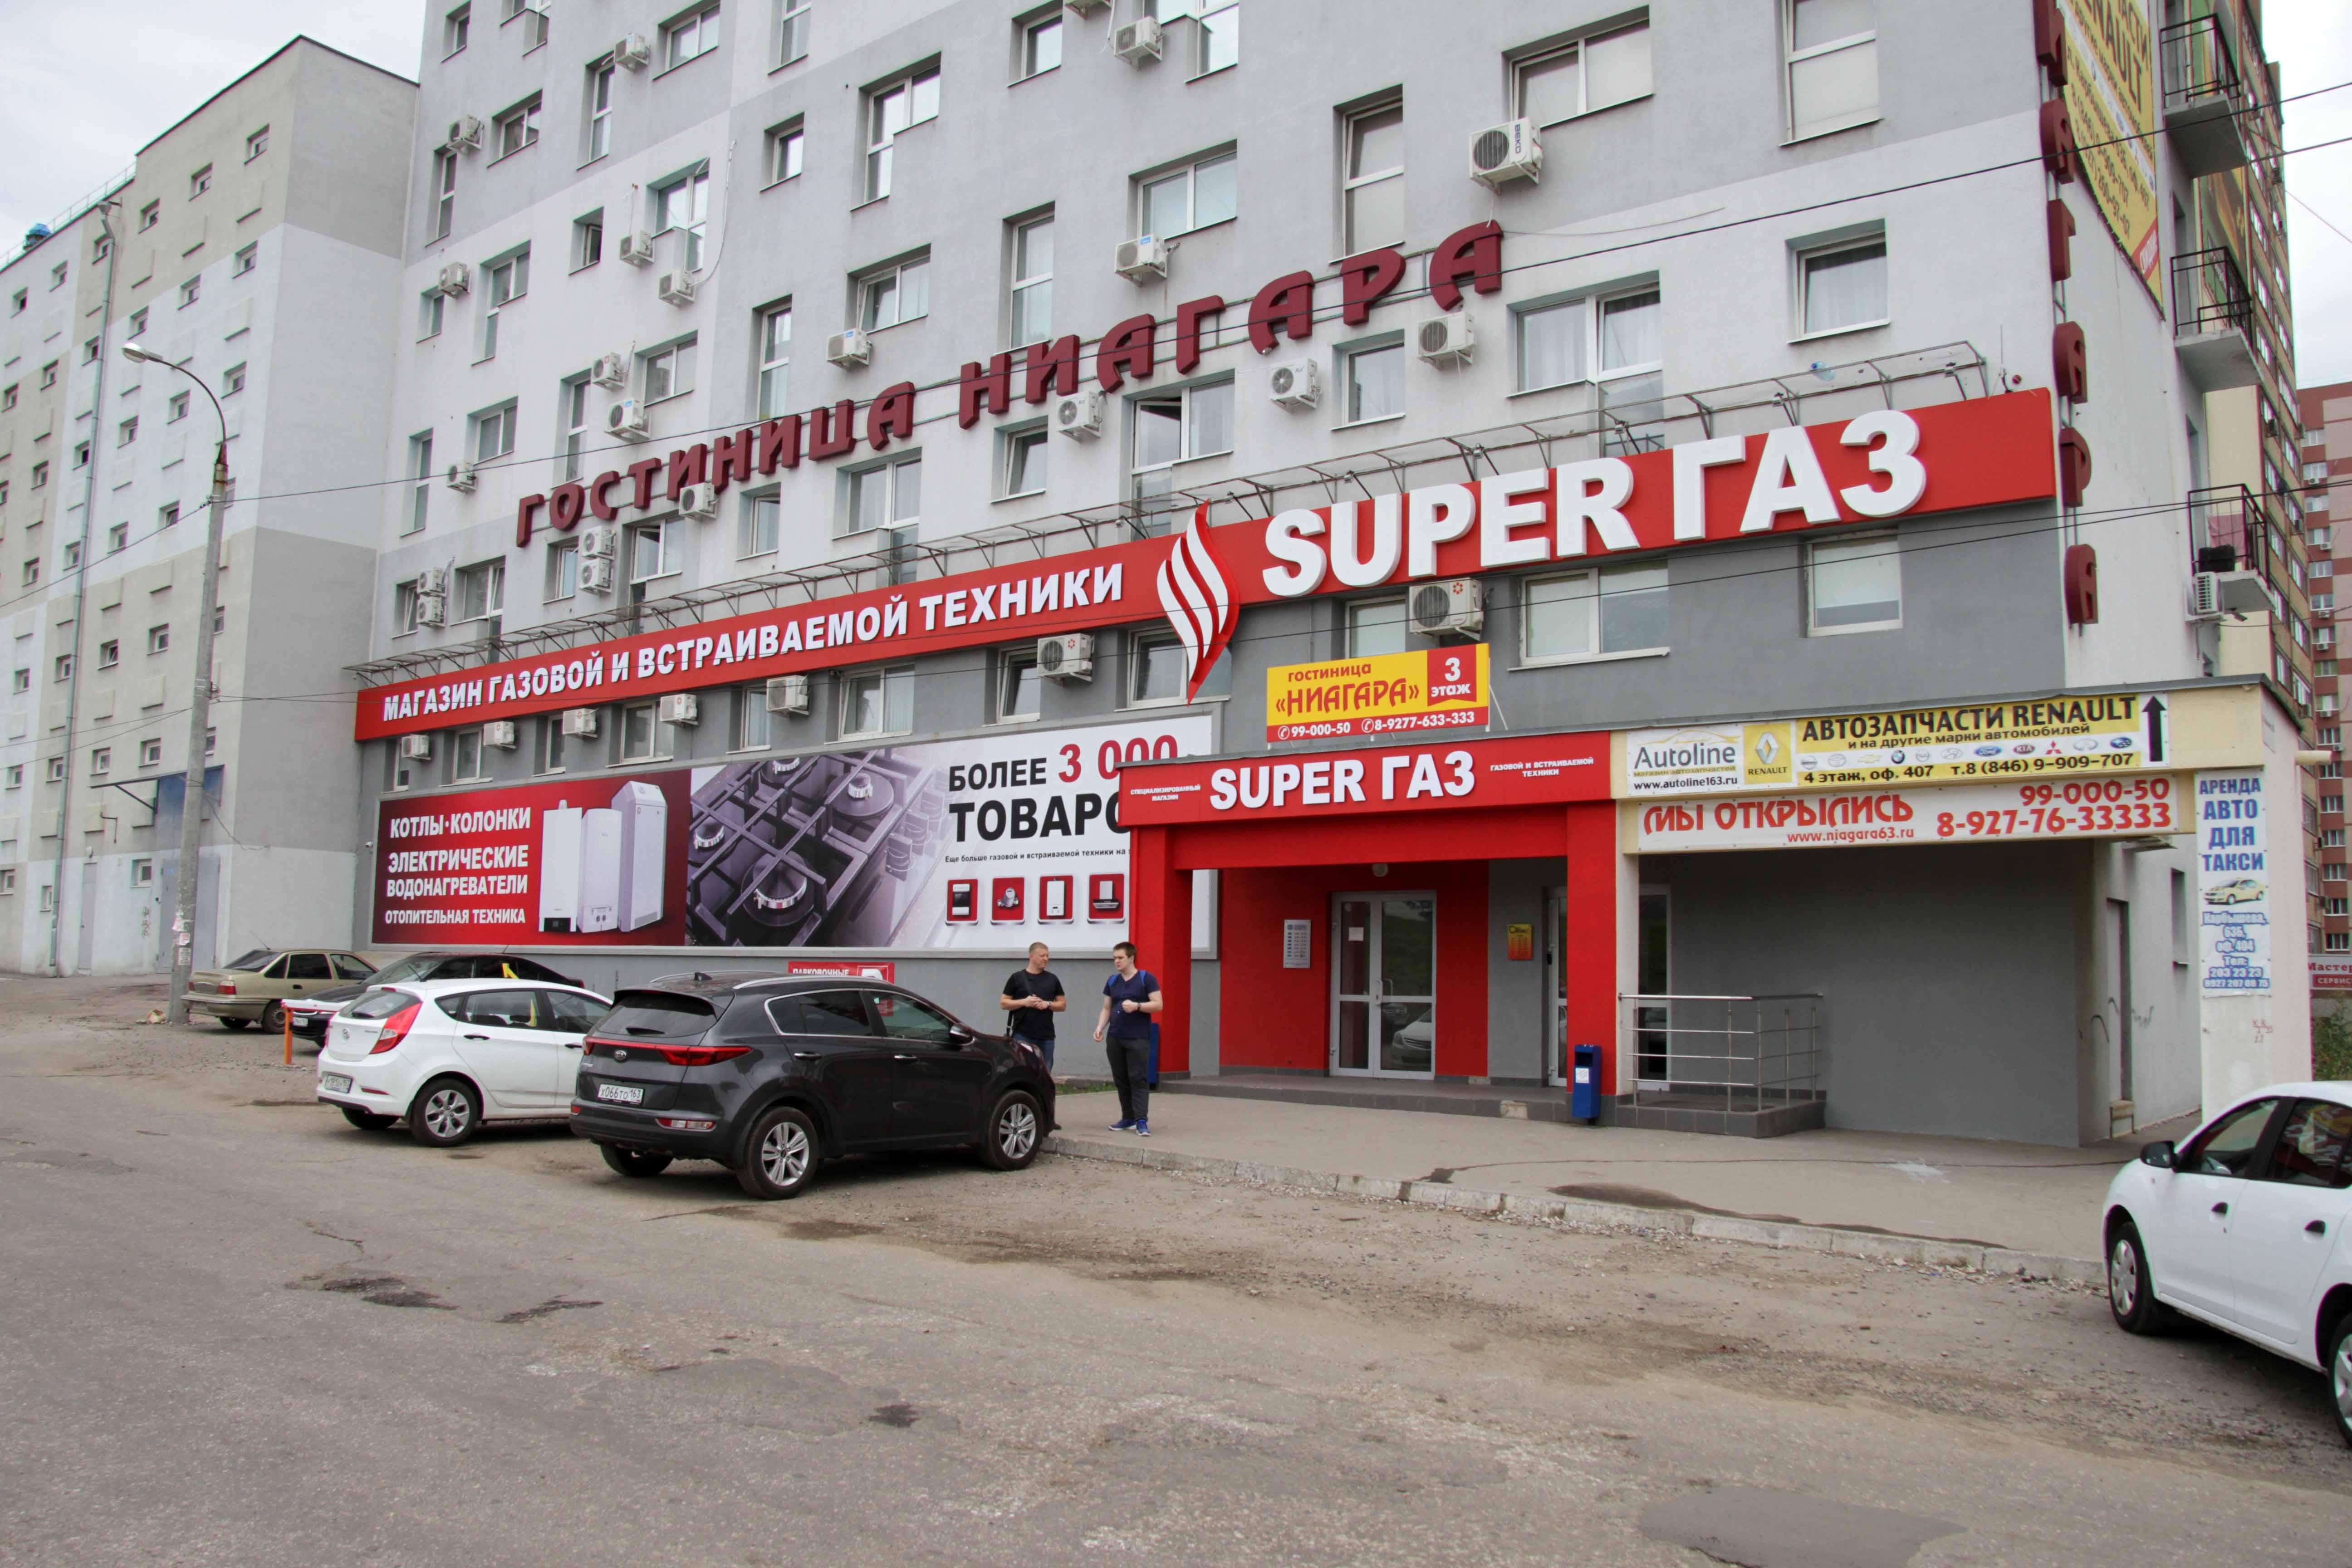 7b2ce697465 Магазины в городе Самара - SUPER ГАЗ - Официальный сайт. Сеть ...